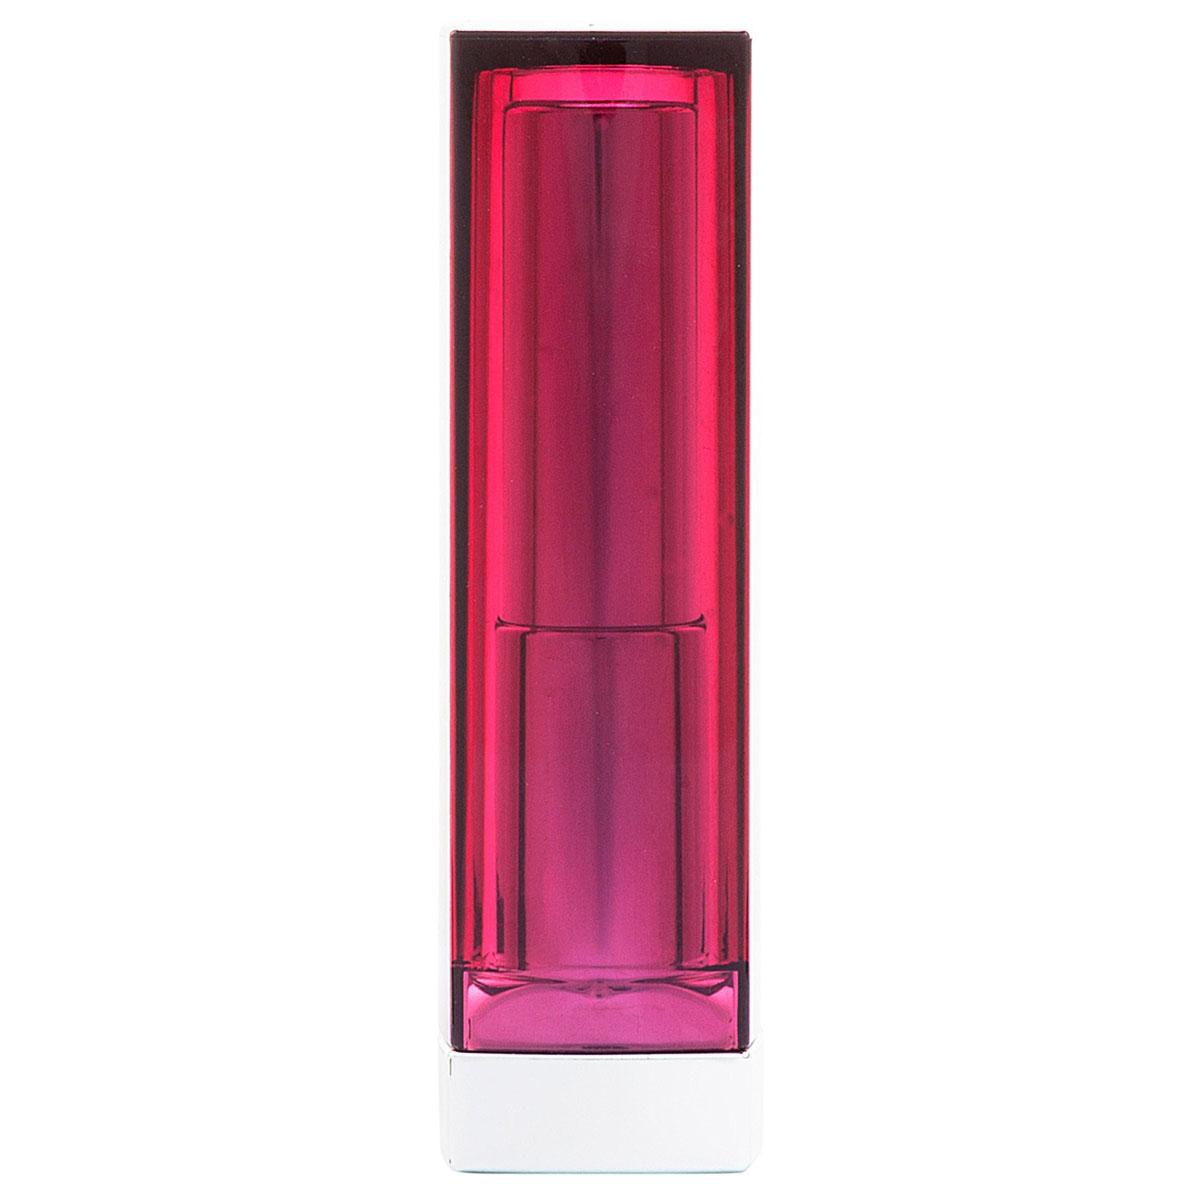 Maybelline New York Помада для губ Color Sensational, оттенок 140, Персиковый леденец, 4,4 гB2649001Чистейшие природные пигменты губной помады придают губам соблазнительный насыщенный цвет. Медовый нектар разглаживает кожу губ и дарит ощущение нежности. Витамин Е смягчает и увлажняет губы в течение всего дня. Восхитительные насыщенные оттенки губной помады!